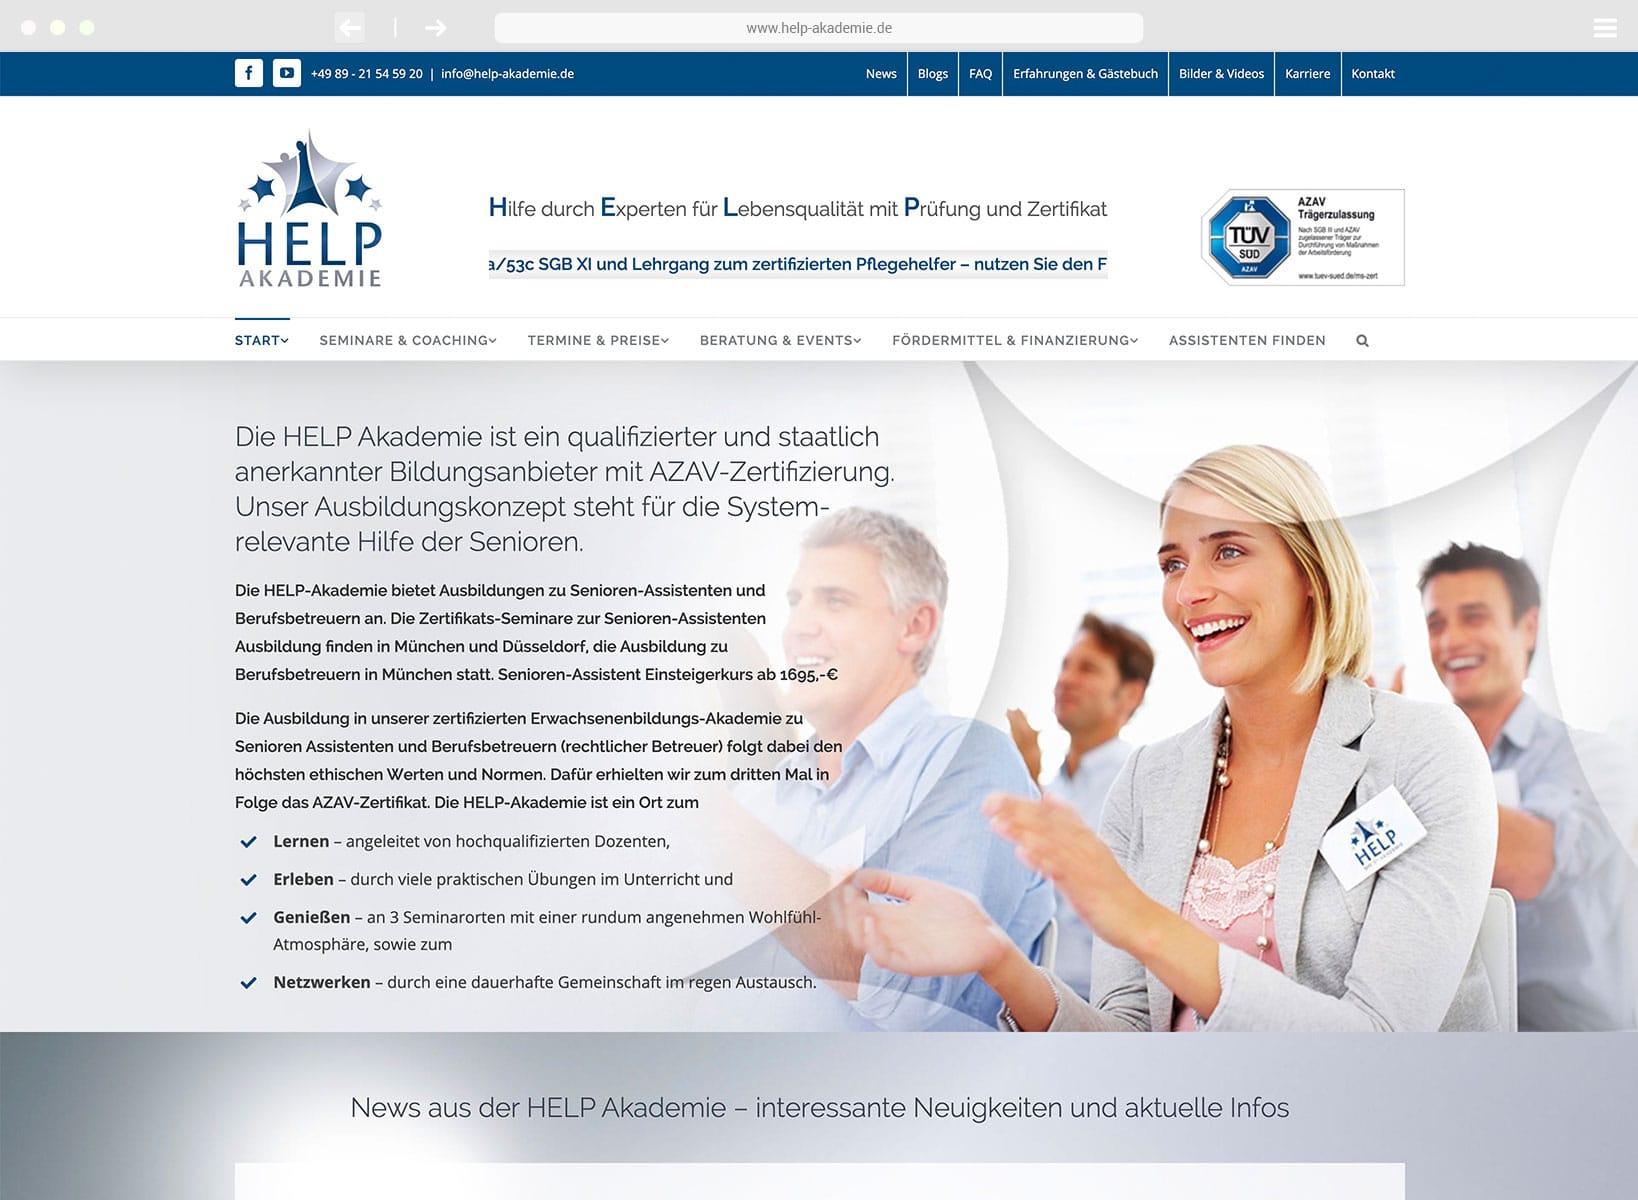 www.help-akademie.de